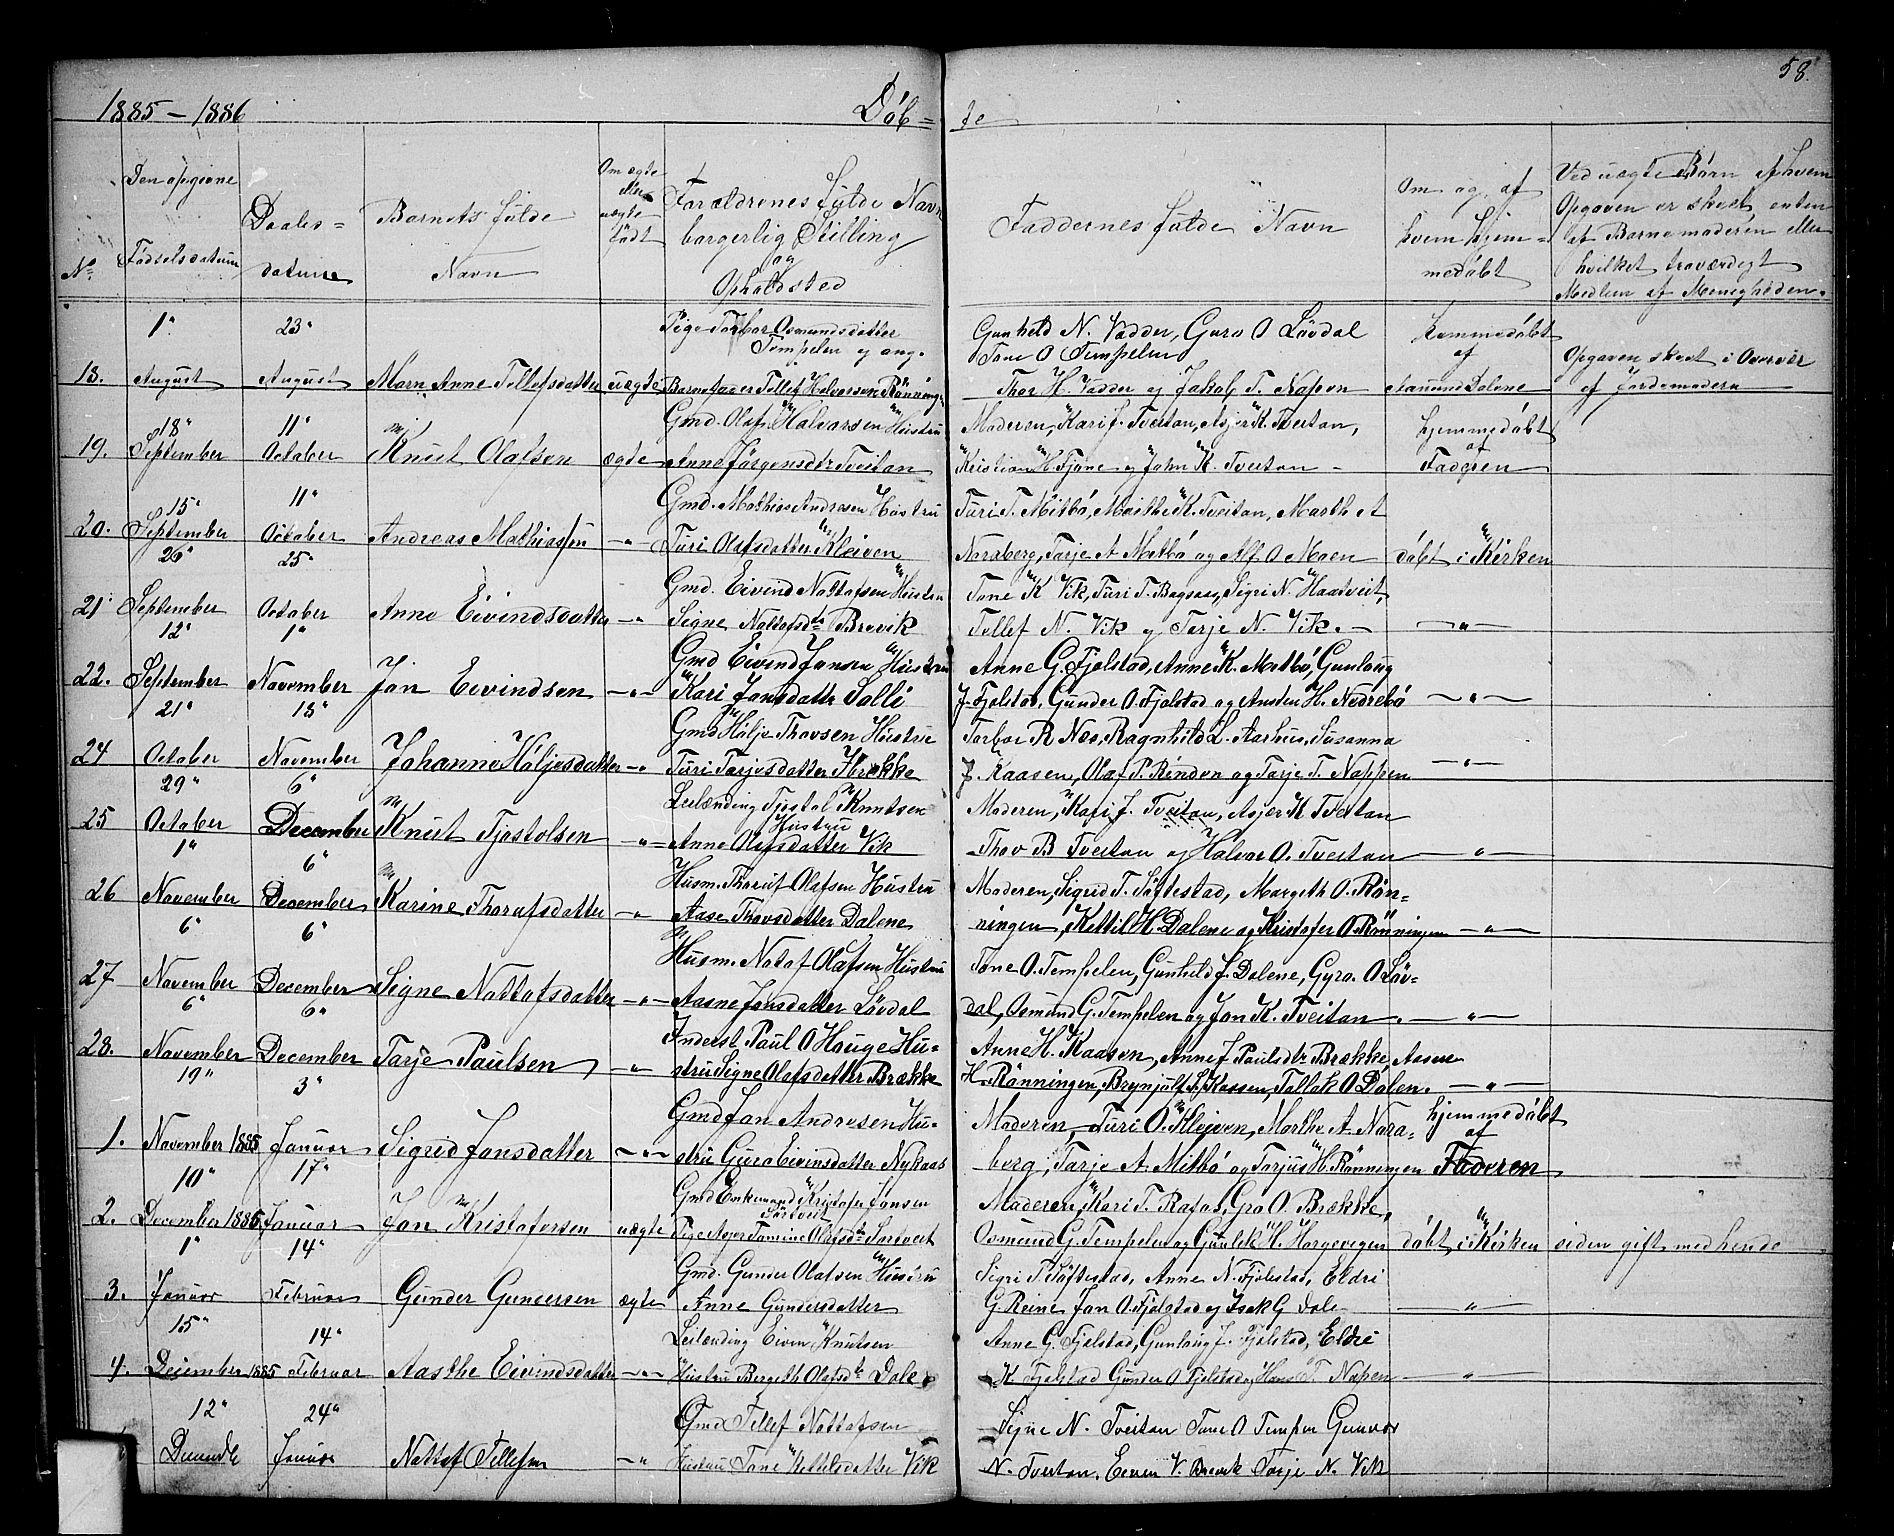 SAKO, Nissedal kirkebøker, G/Ga/L0002: Klokkerbok nr. I 2, 1861-1887, s. 58